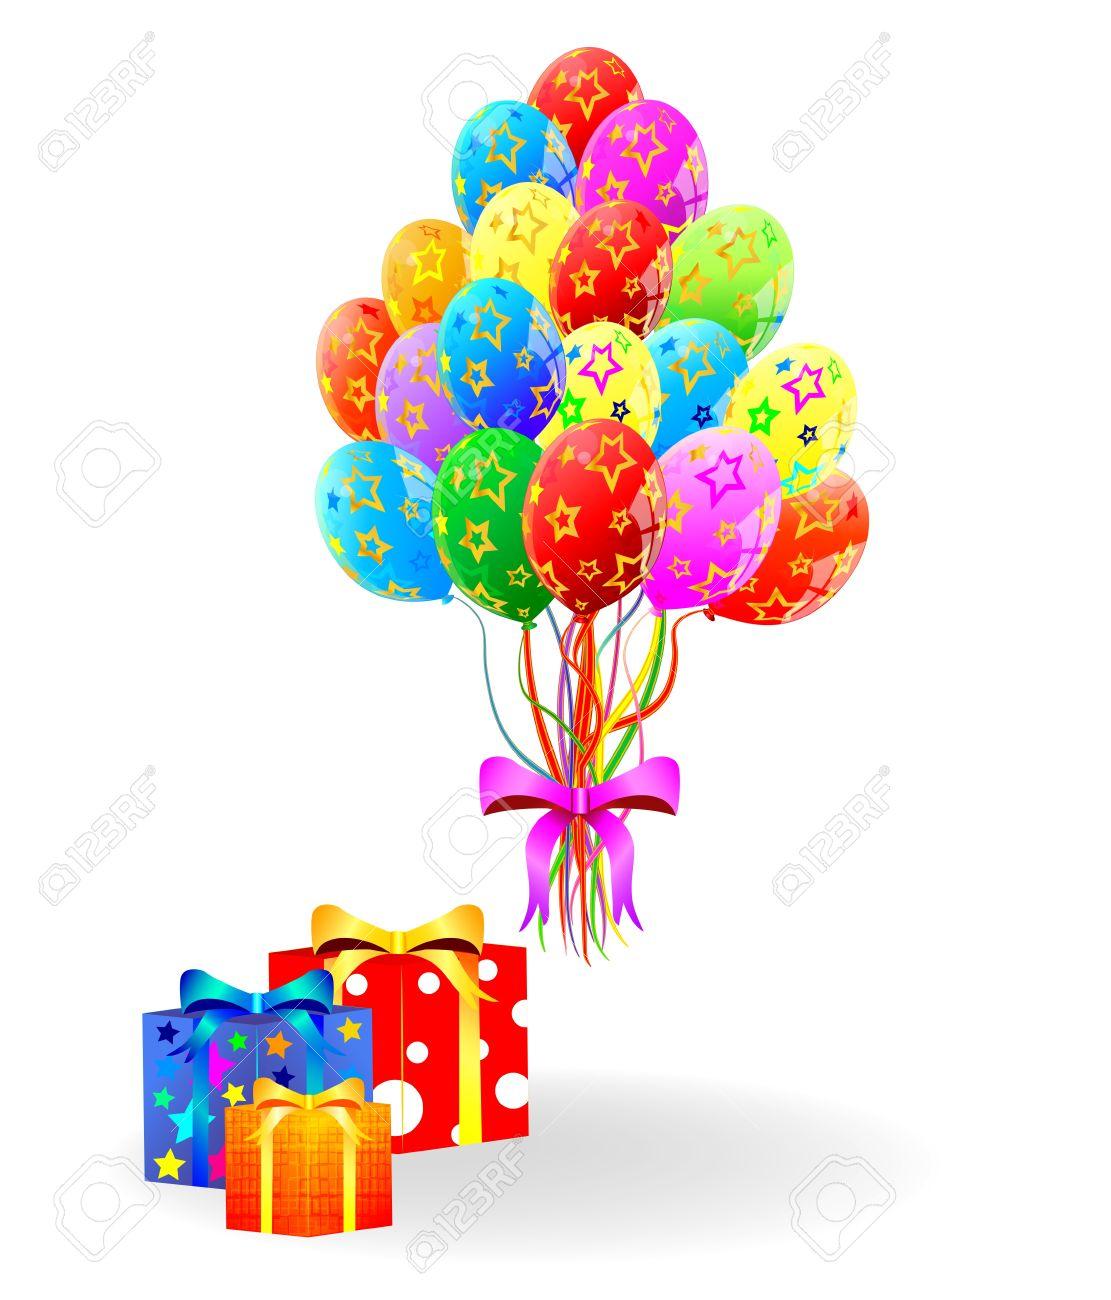 Herzlichen Gluckwunsch Zum Geburtstag Geschenk Box Und Luftballons